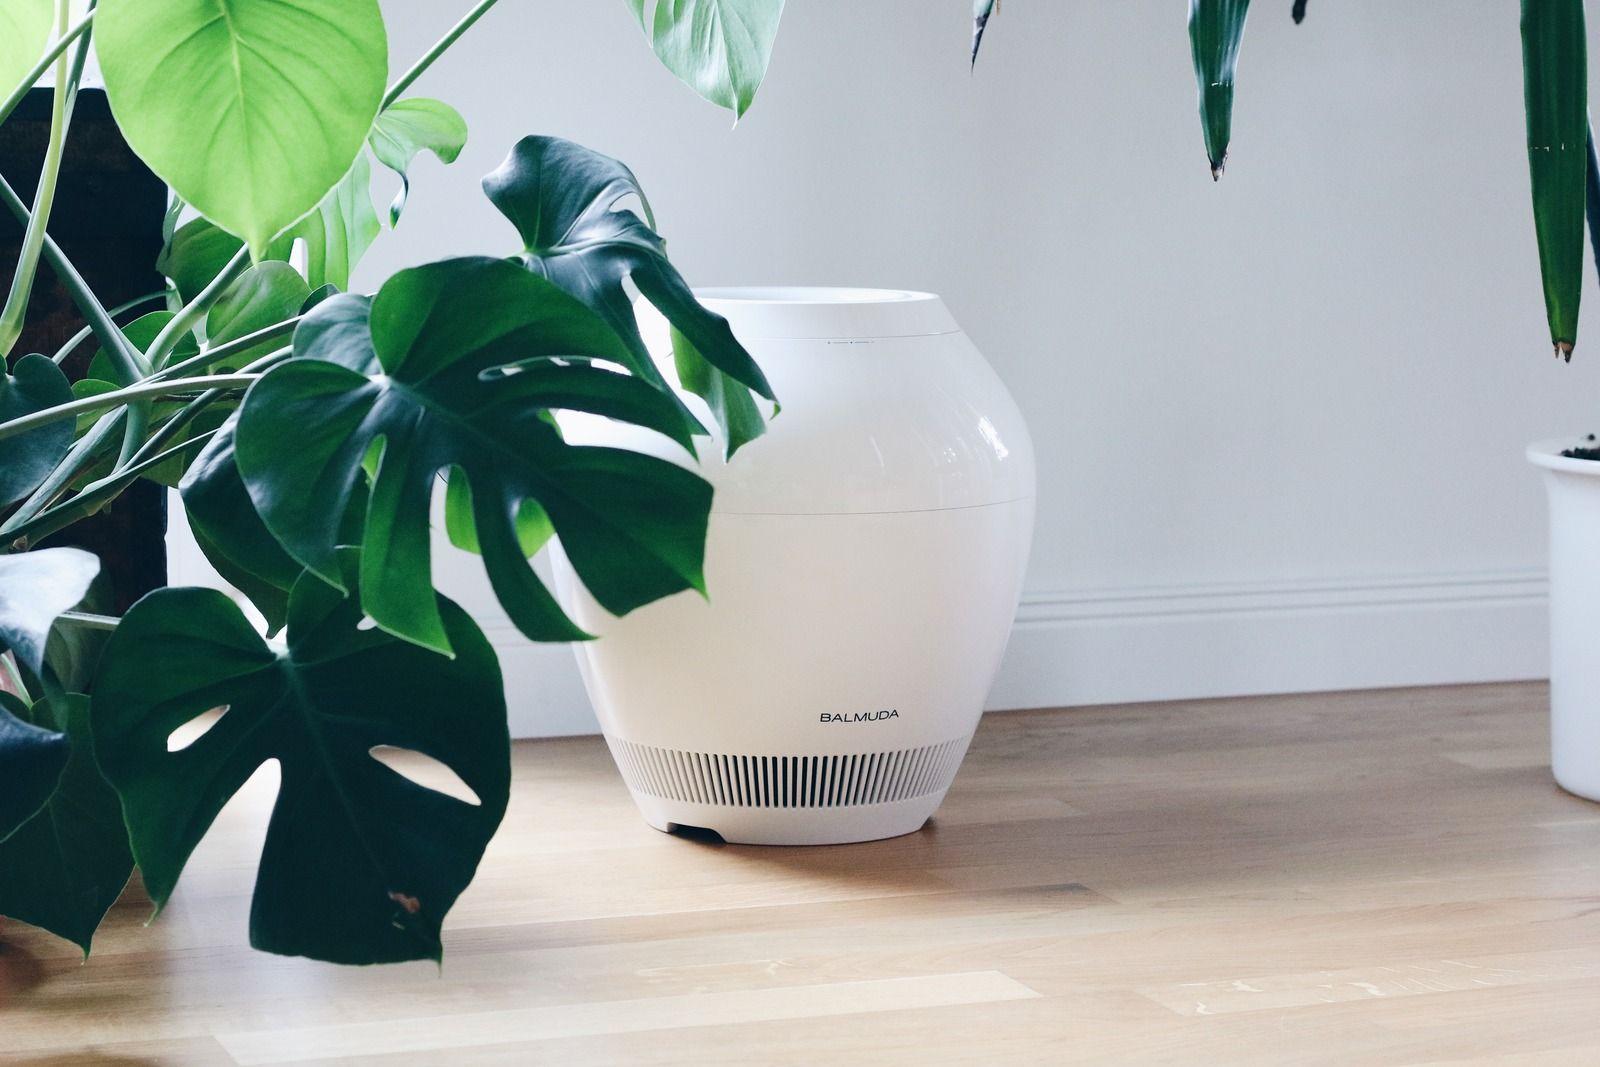 Luftentfeuchtungsgeräte Schlafzimmer ~ Egoa die elegante art der luftentfeuchtung luftentfeuchter